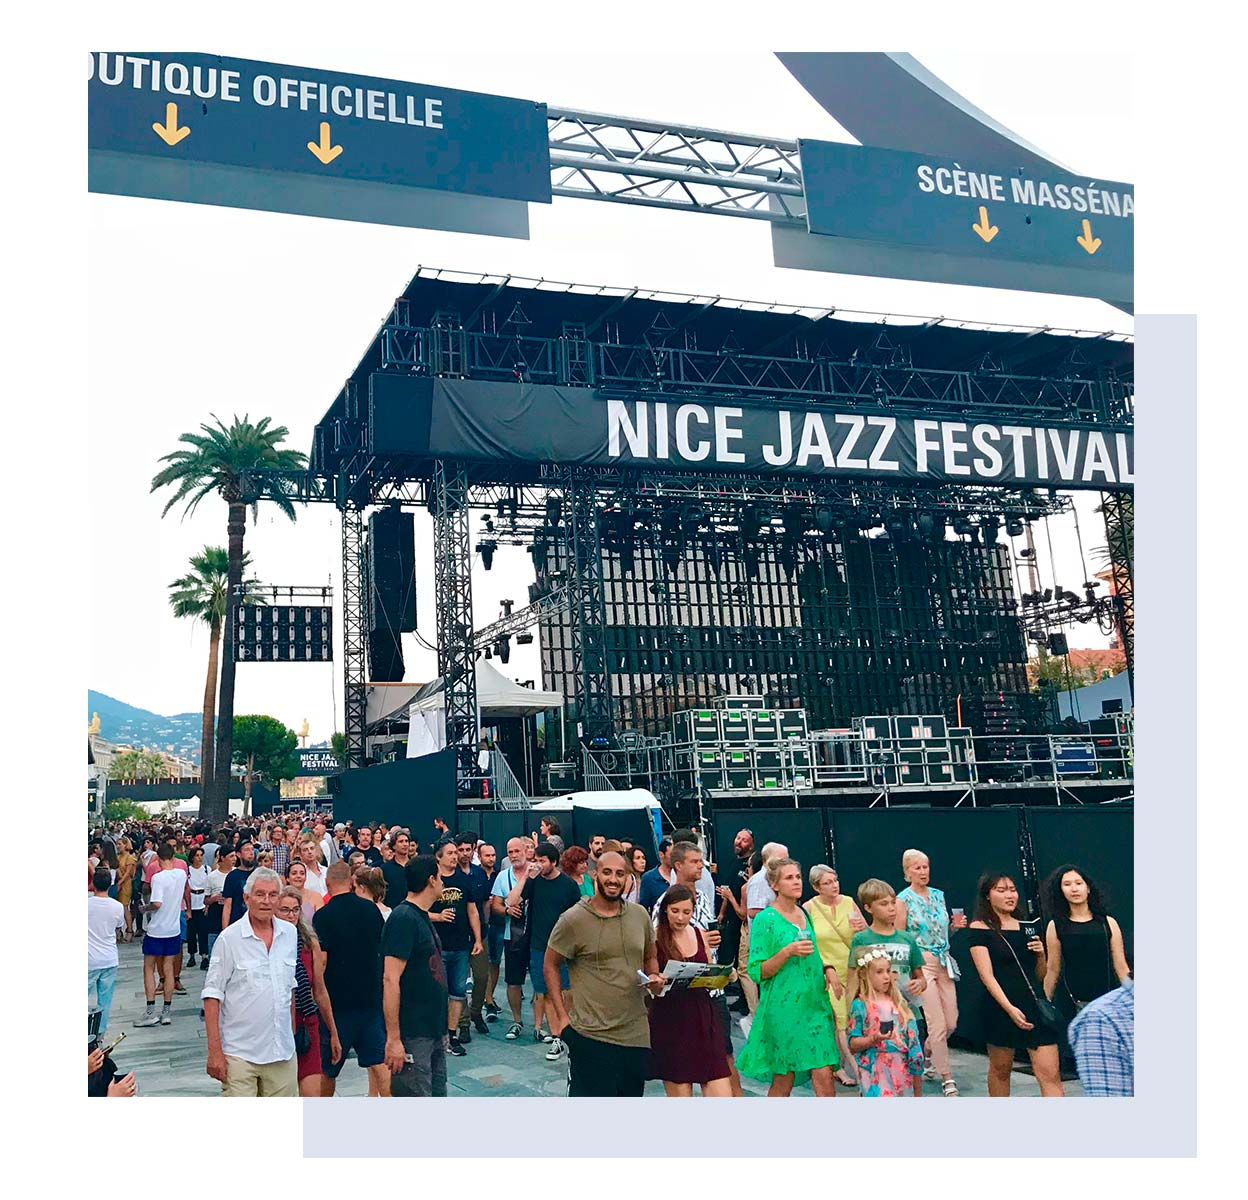 Nice Jazz Festival, Франція. Ніцца. Крейзі Лама